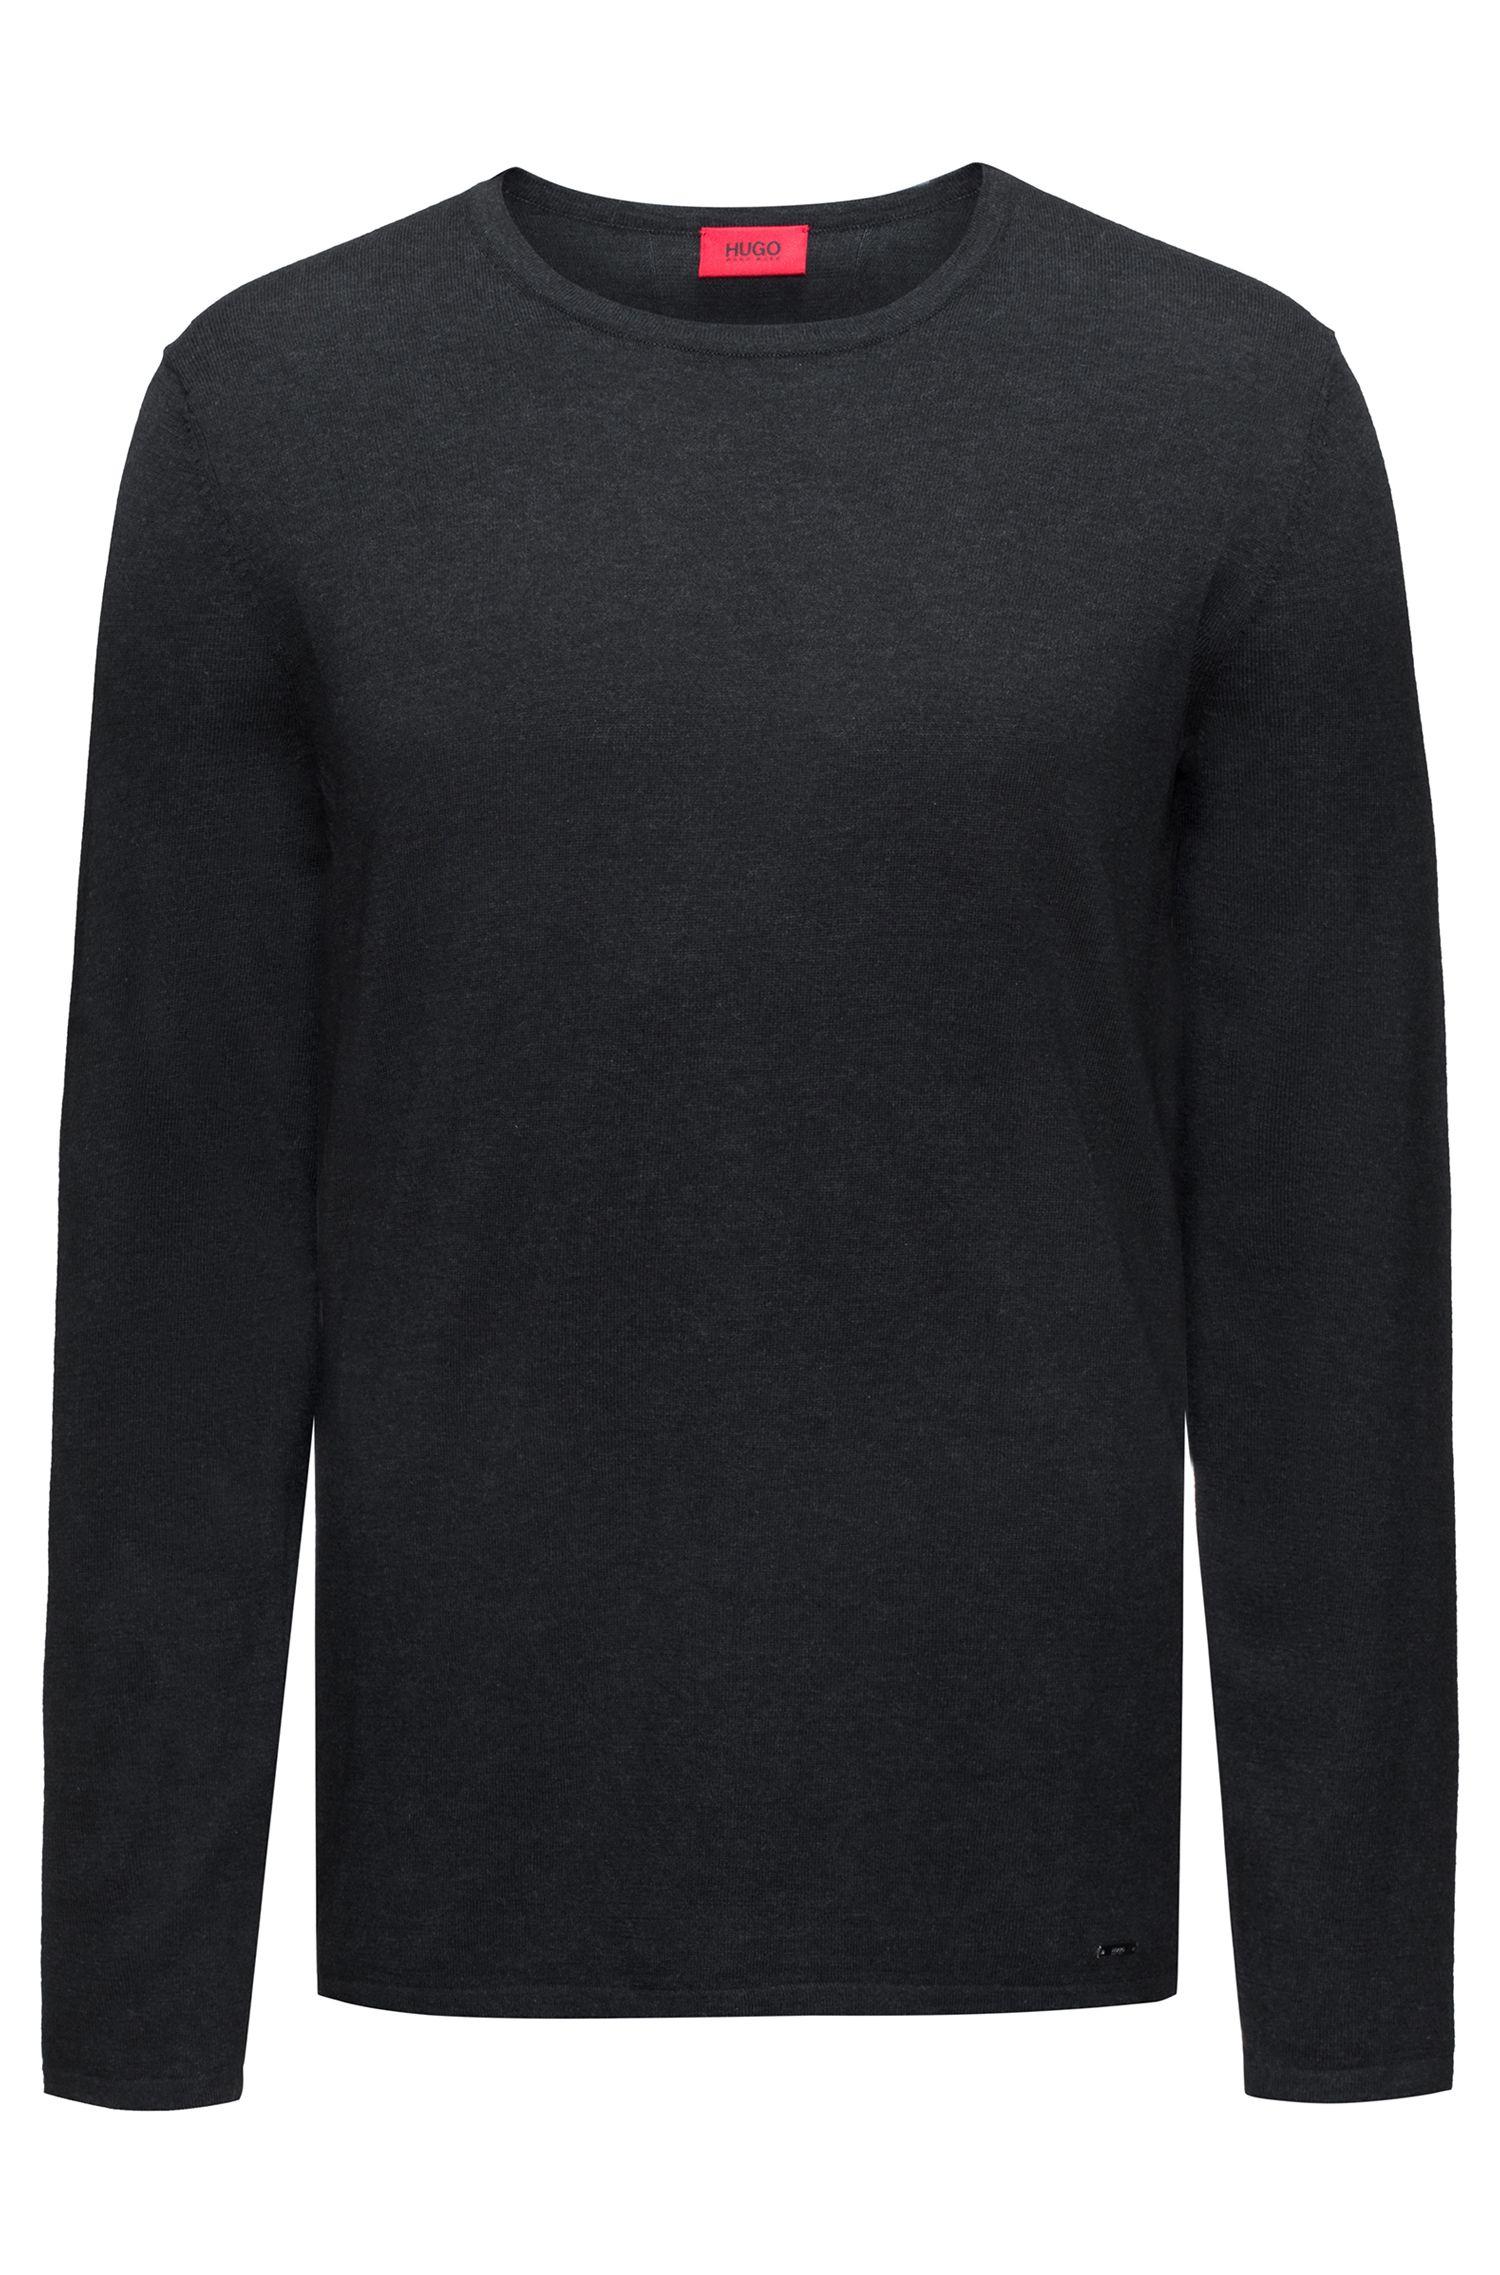 Jersey de cuello redondo en mezcla de algodón, Gris oscuro